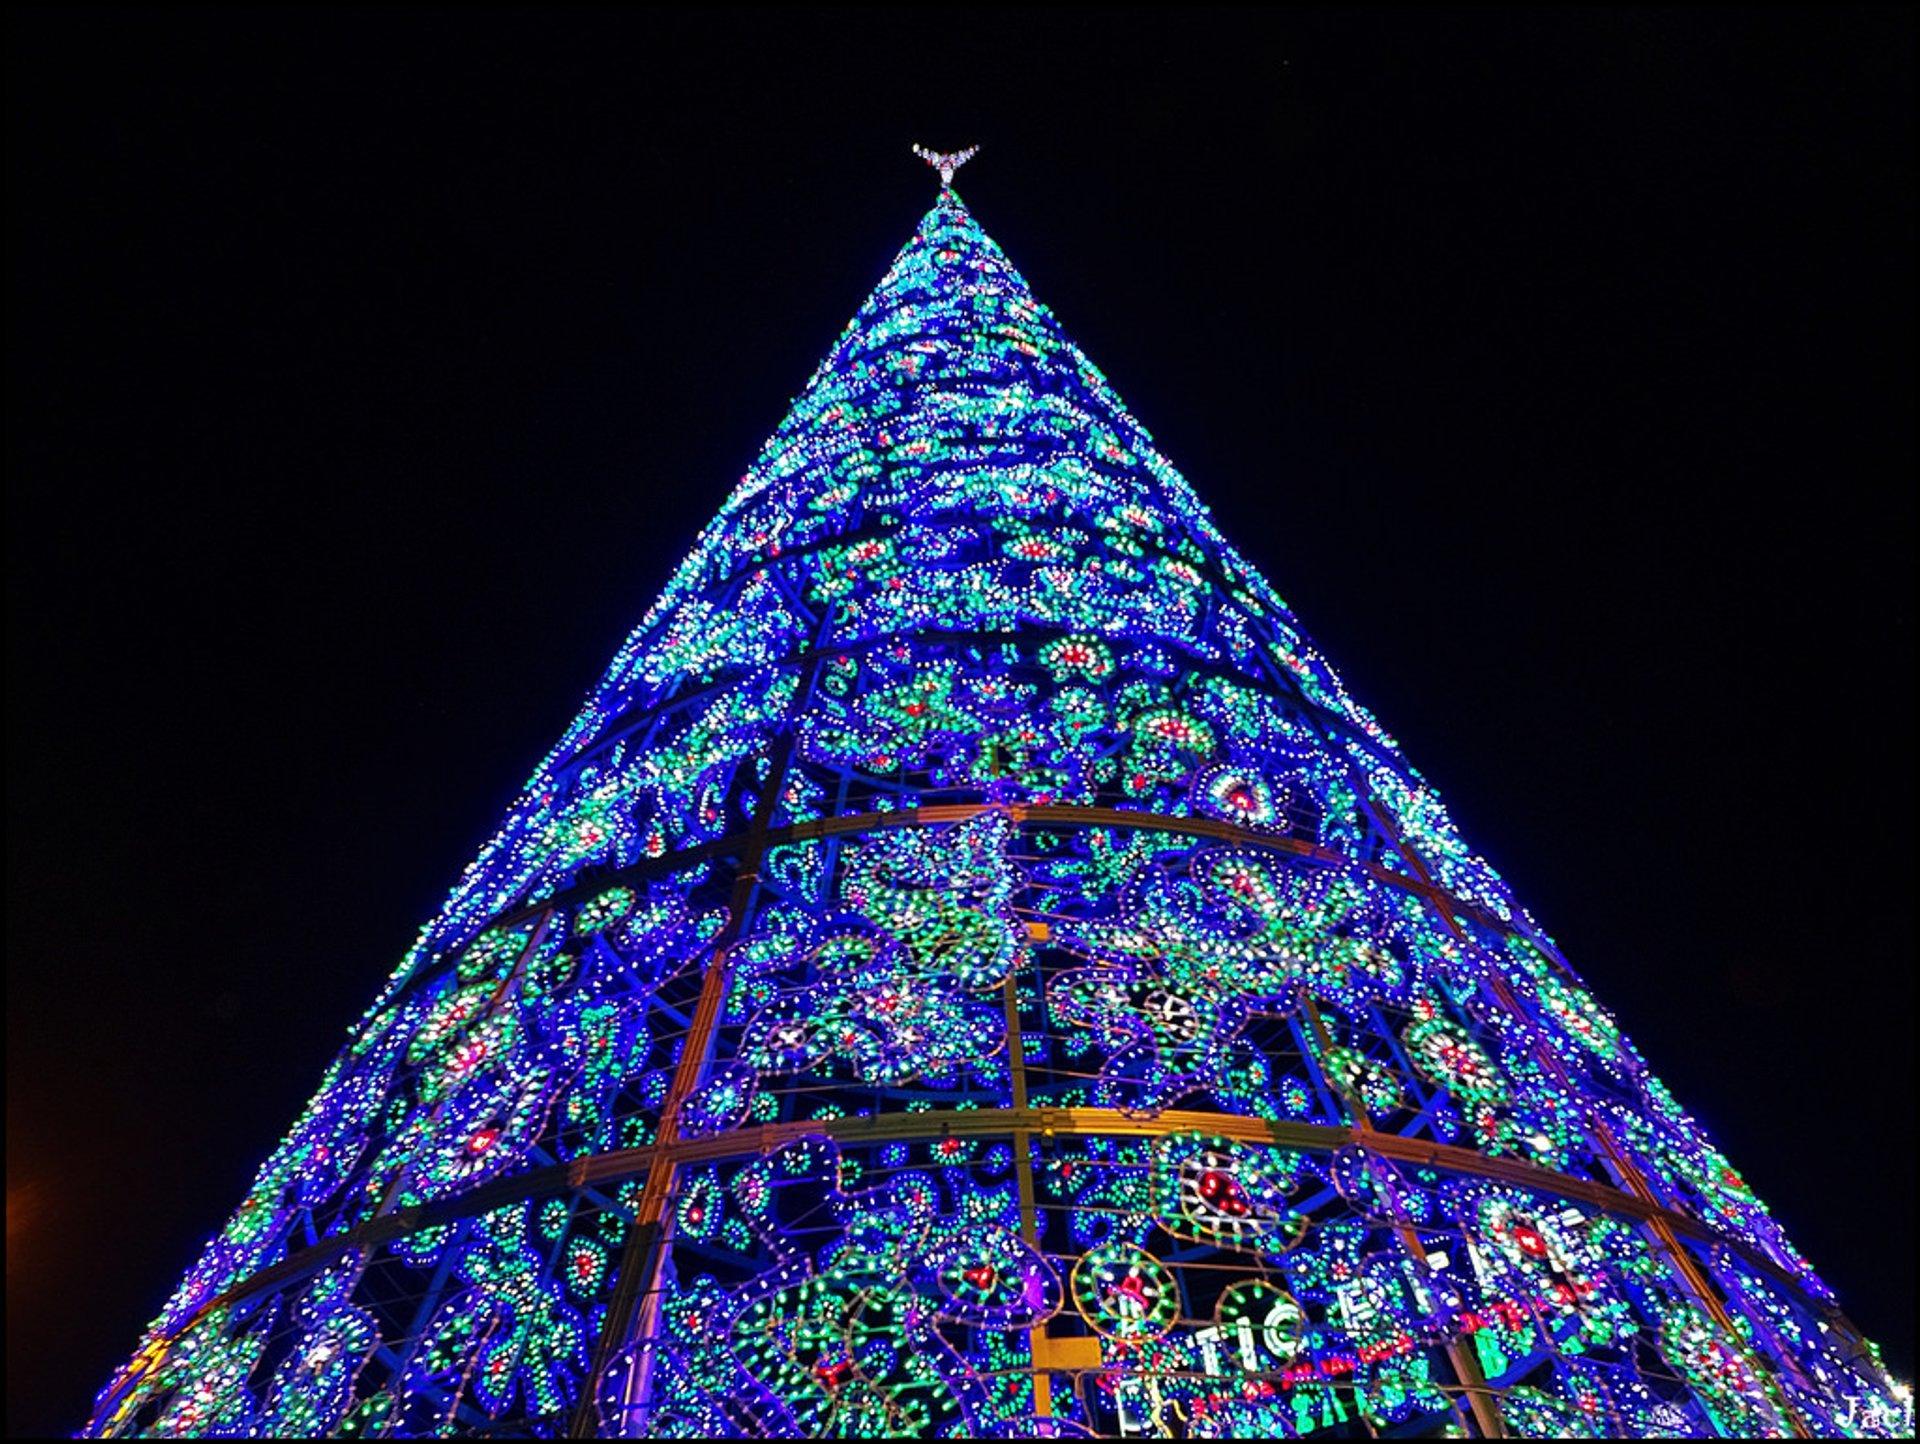 Christmas tree at La Puerta del Sol, Madrid 2020